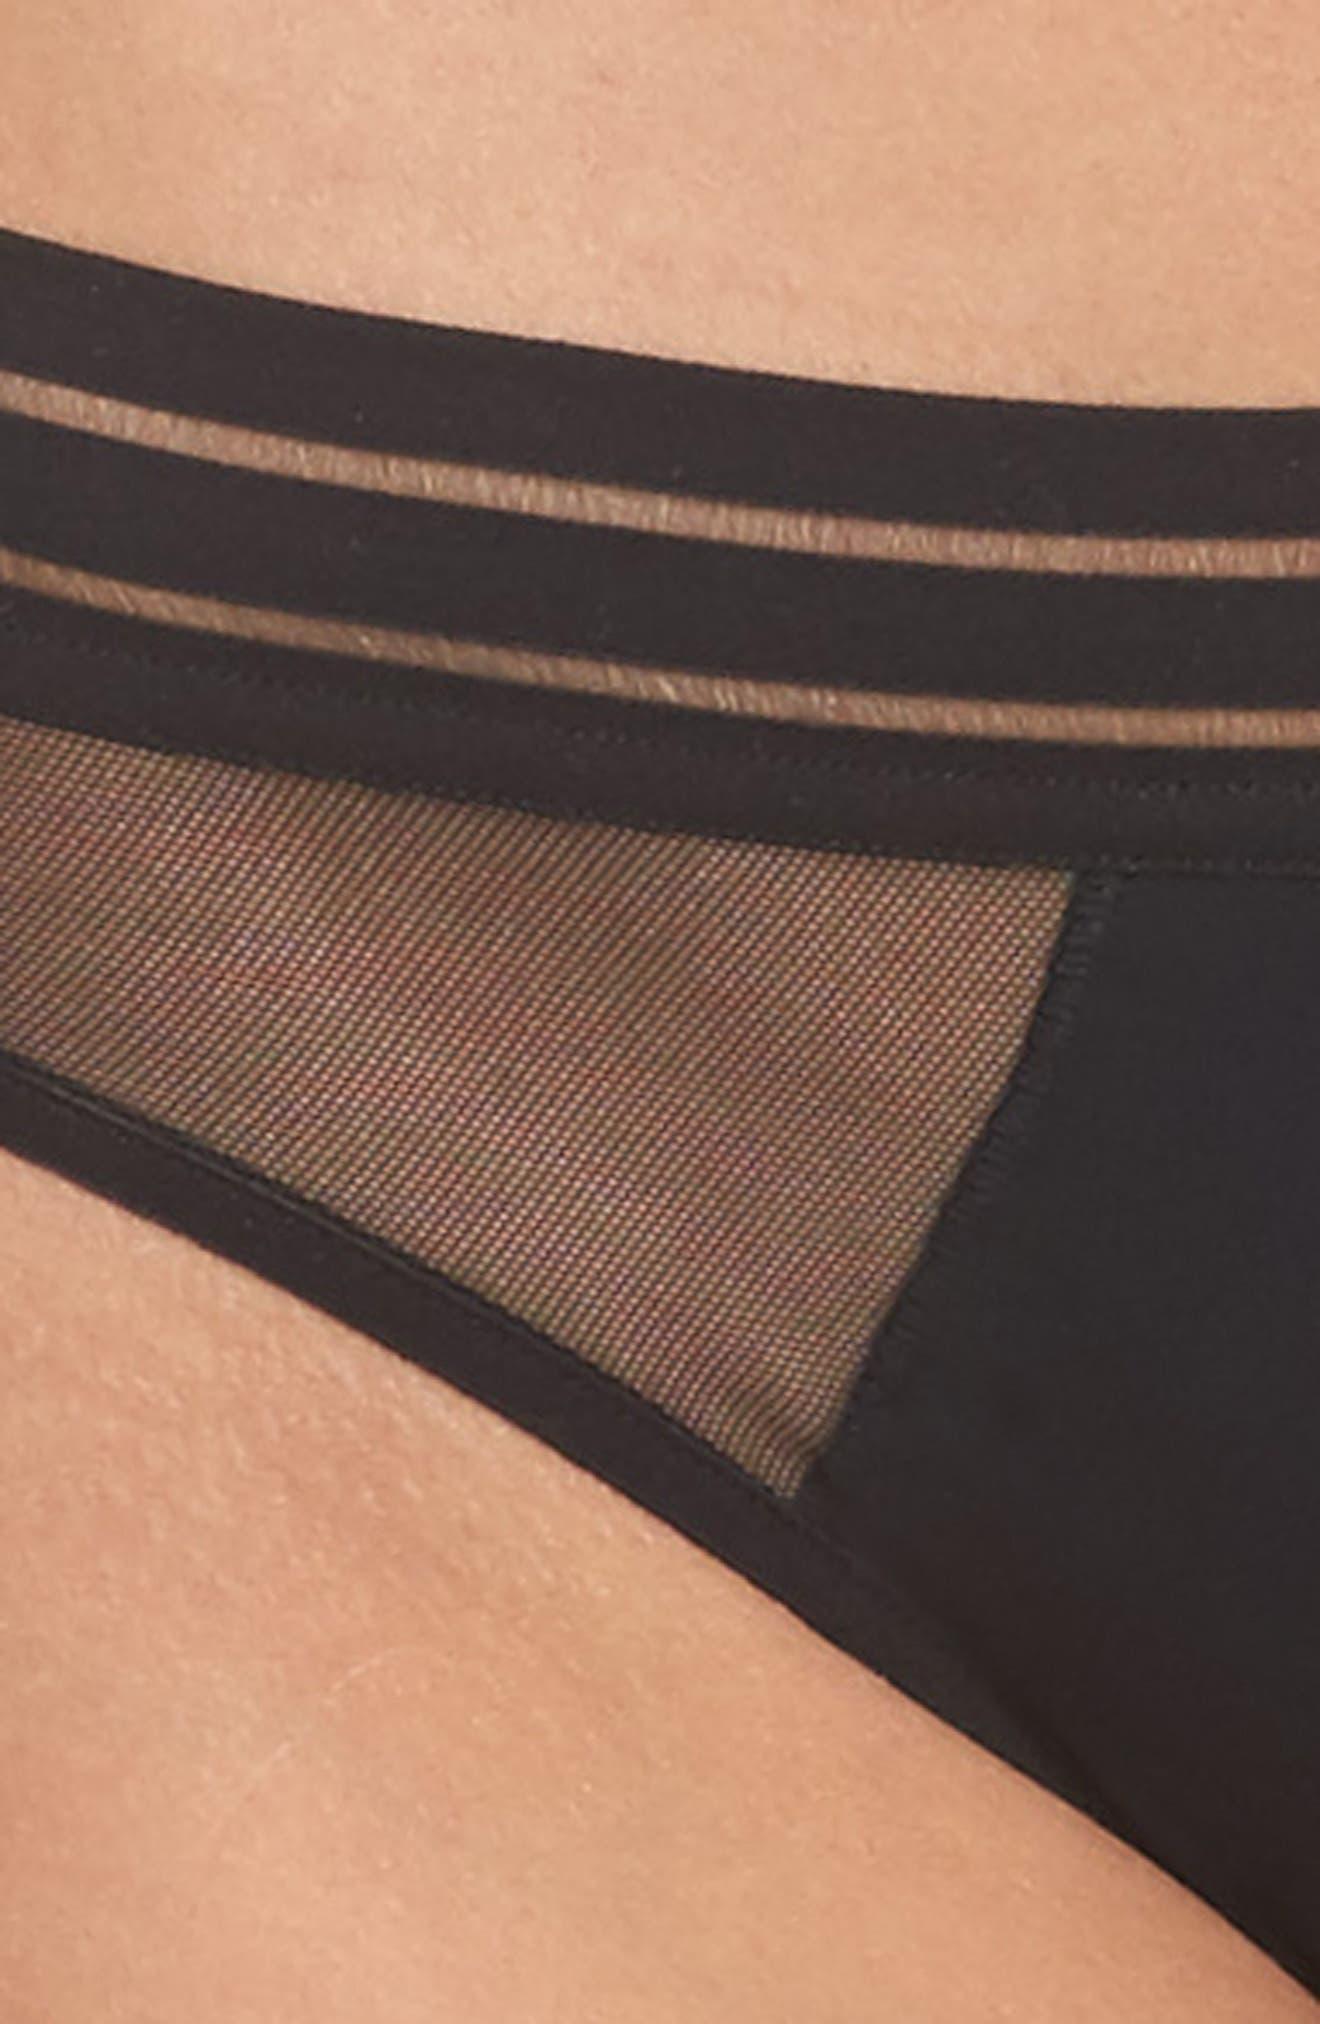 Nufit Bikini,                             Alternate thumbnail 4, color,                             Black